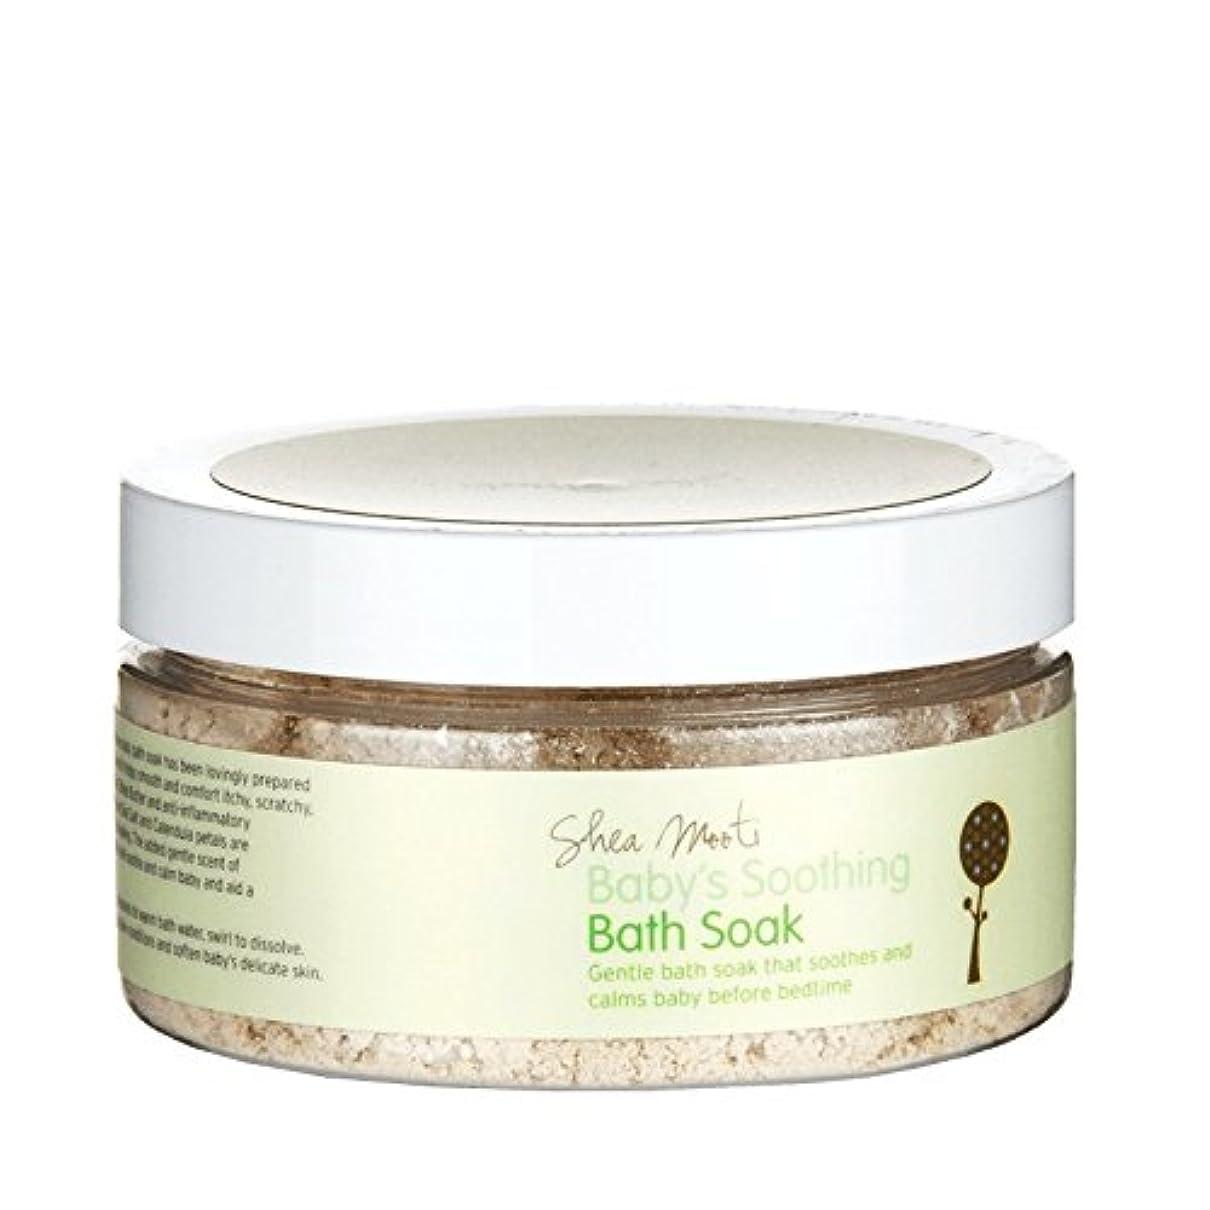 事前安全性遠いShea Mooti Baby's Soothing Bath Soak 130g (Pack of 6) - シアバターMooti赤ちゃんの癒しのお風呂は、130グラムを浸し (x6) [並行輸入品]